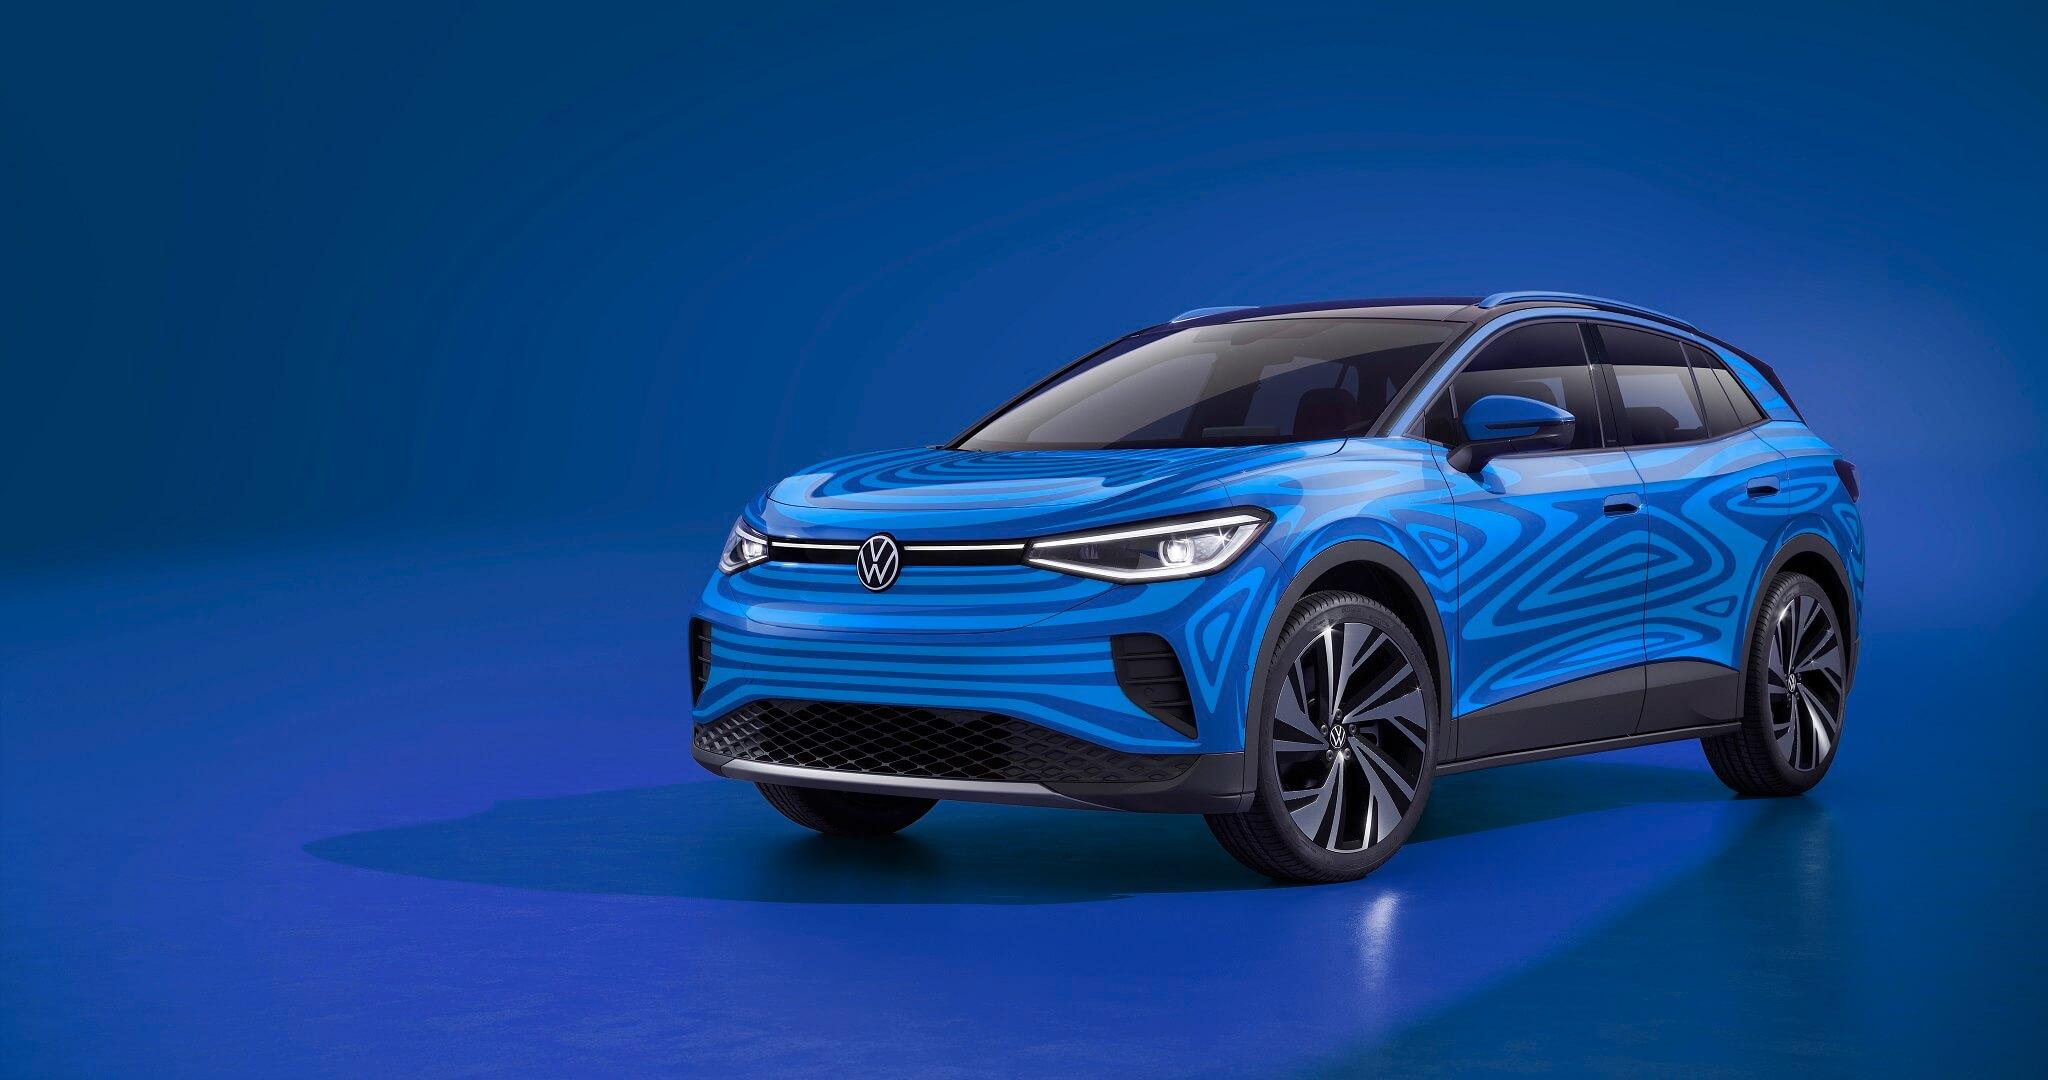 Volkswagen ID.4 concept car - Μπροστινή όψη